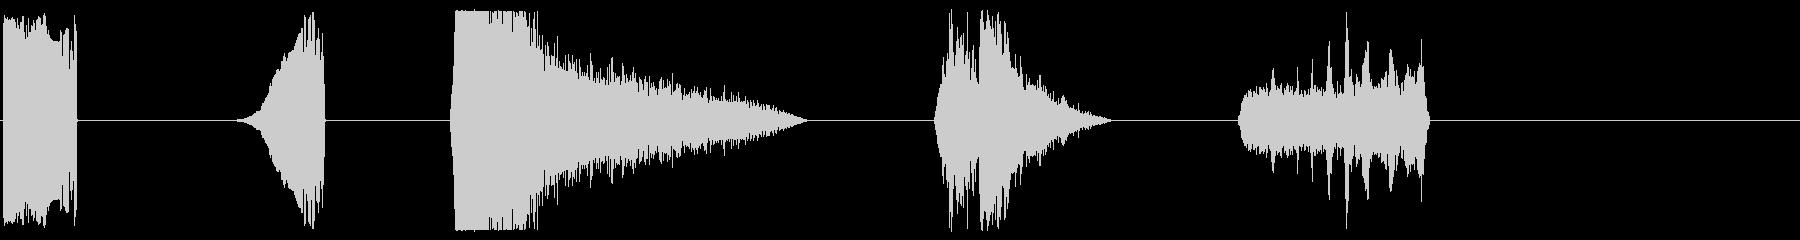 パワーフィズルX5の未再生の波形